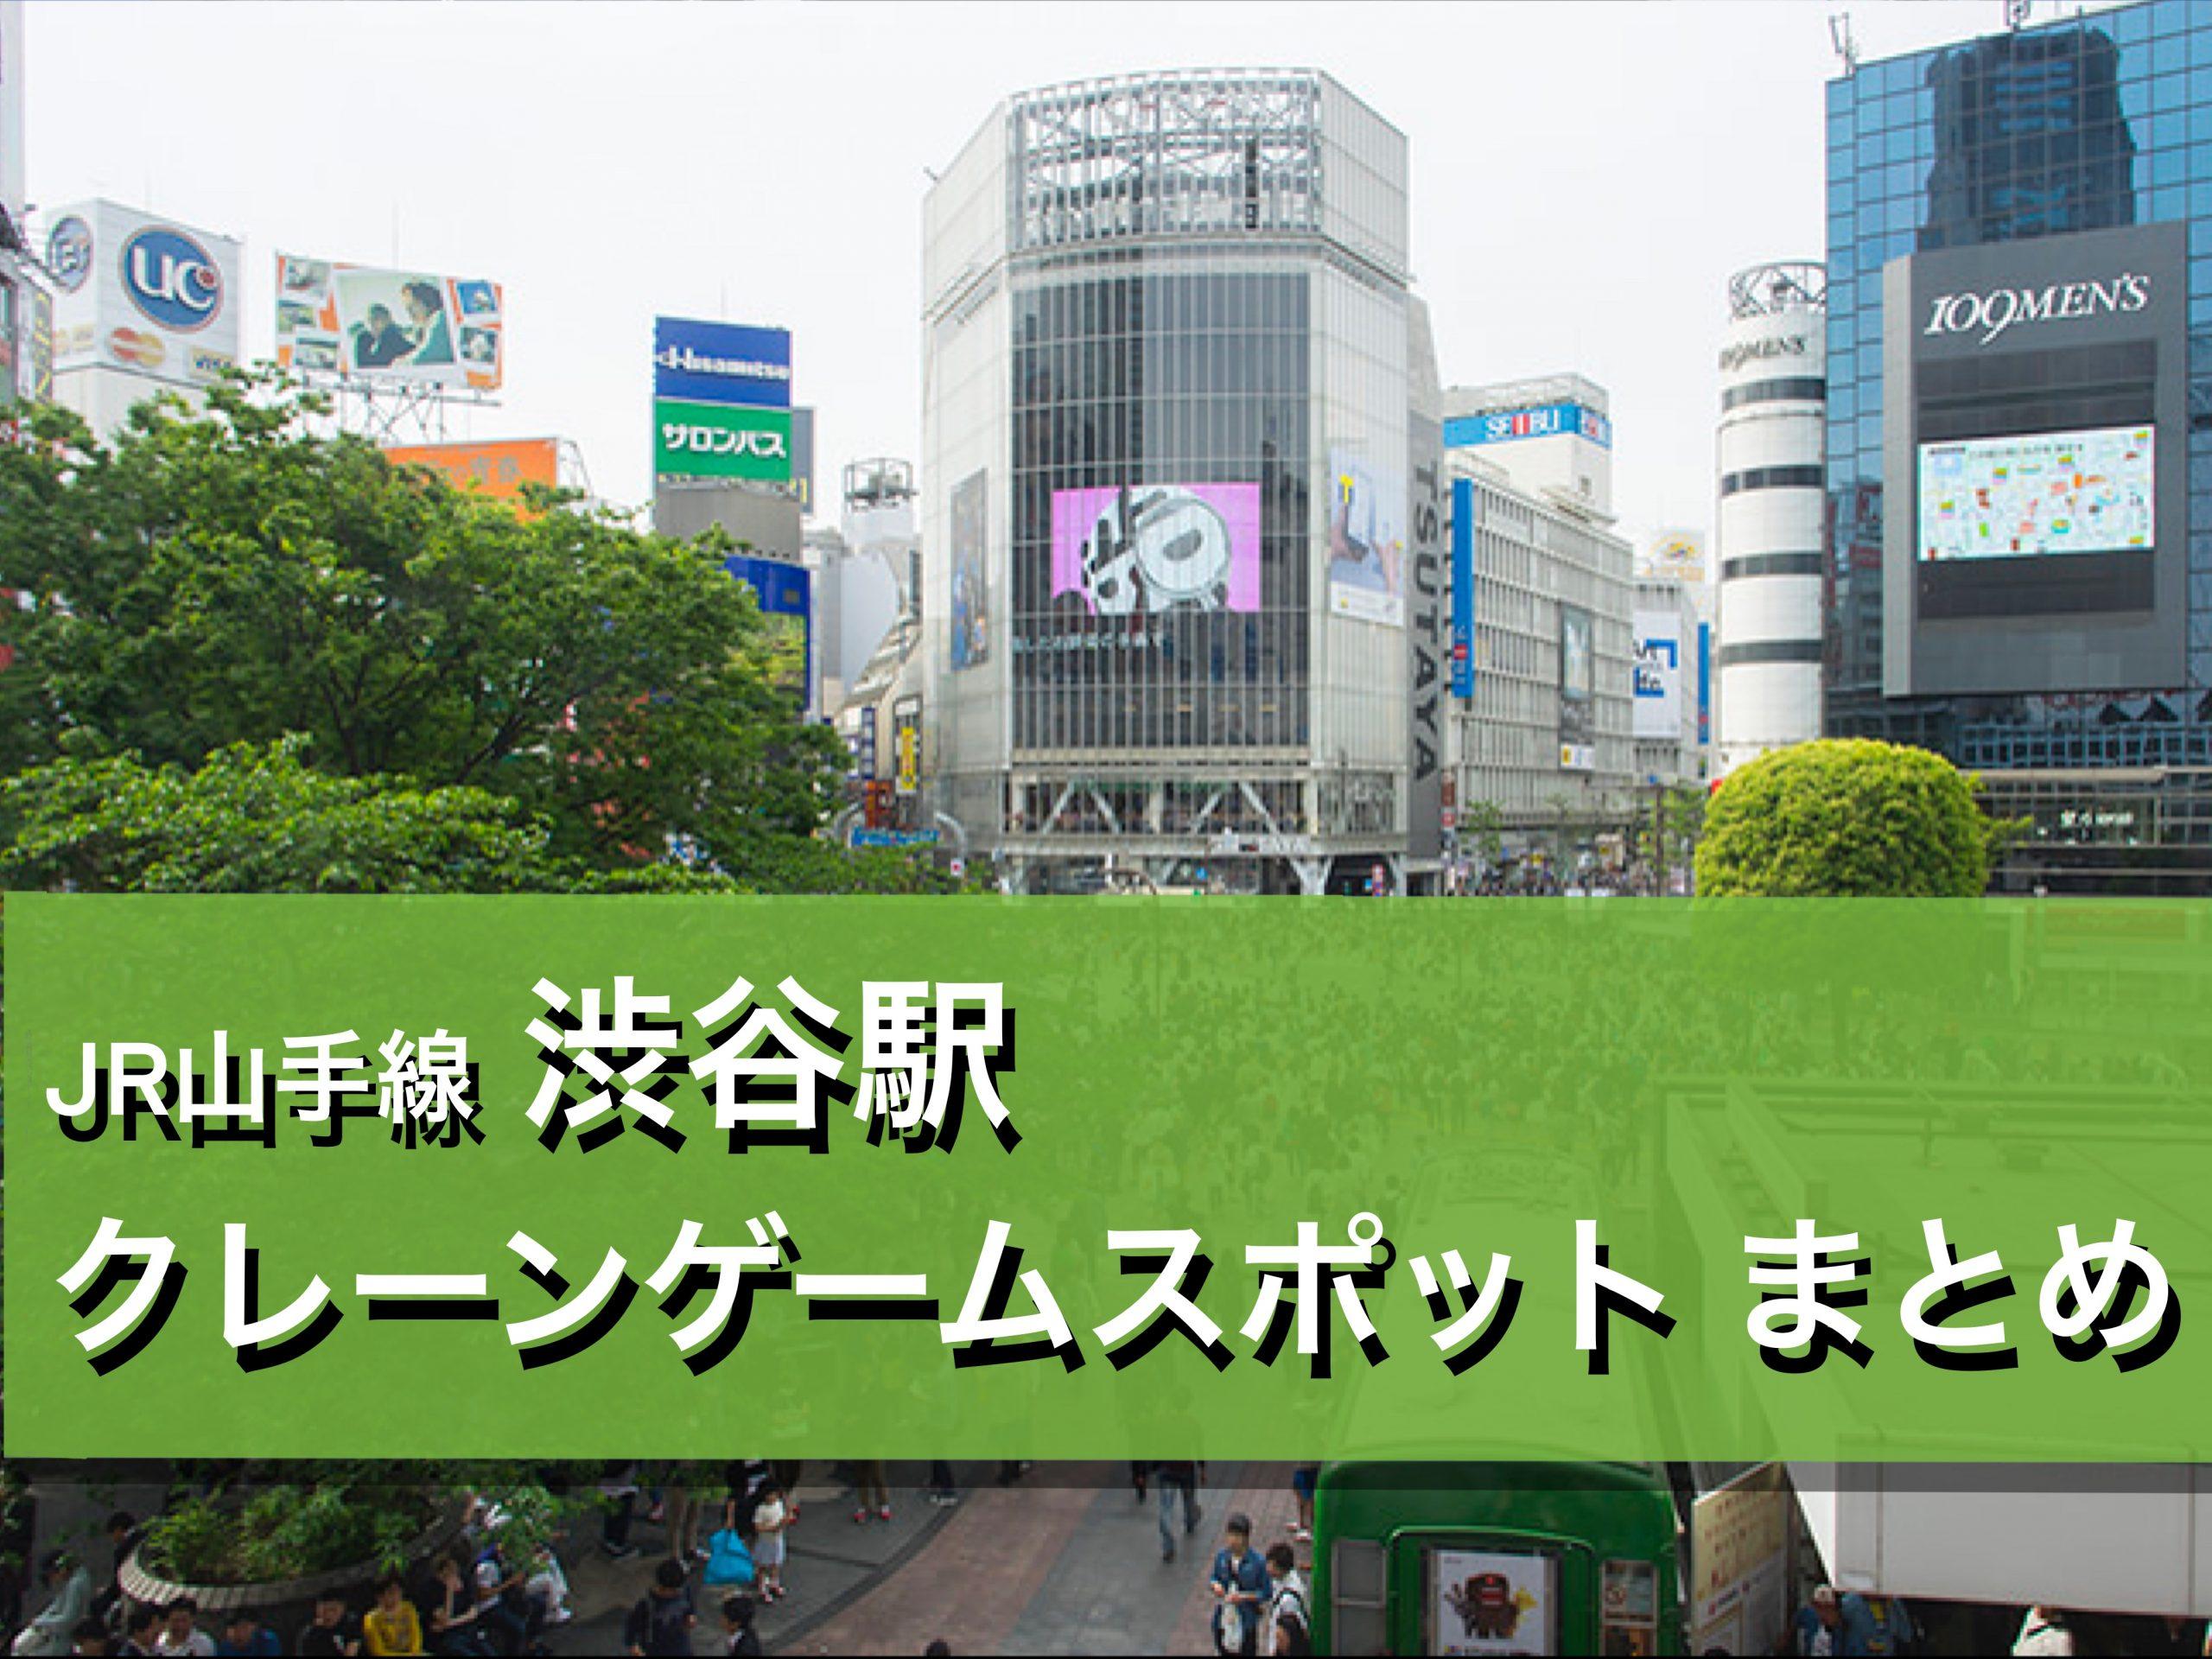 【渋谷駅】クレーンゲームができる場所